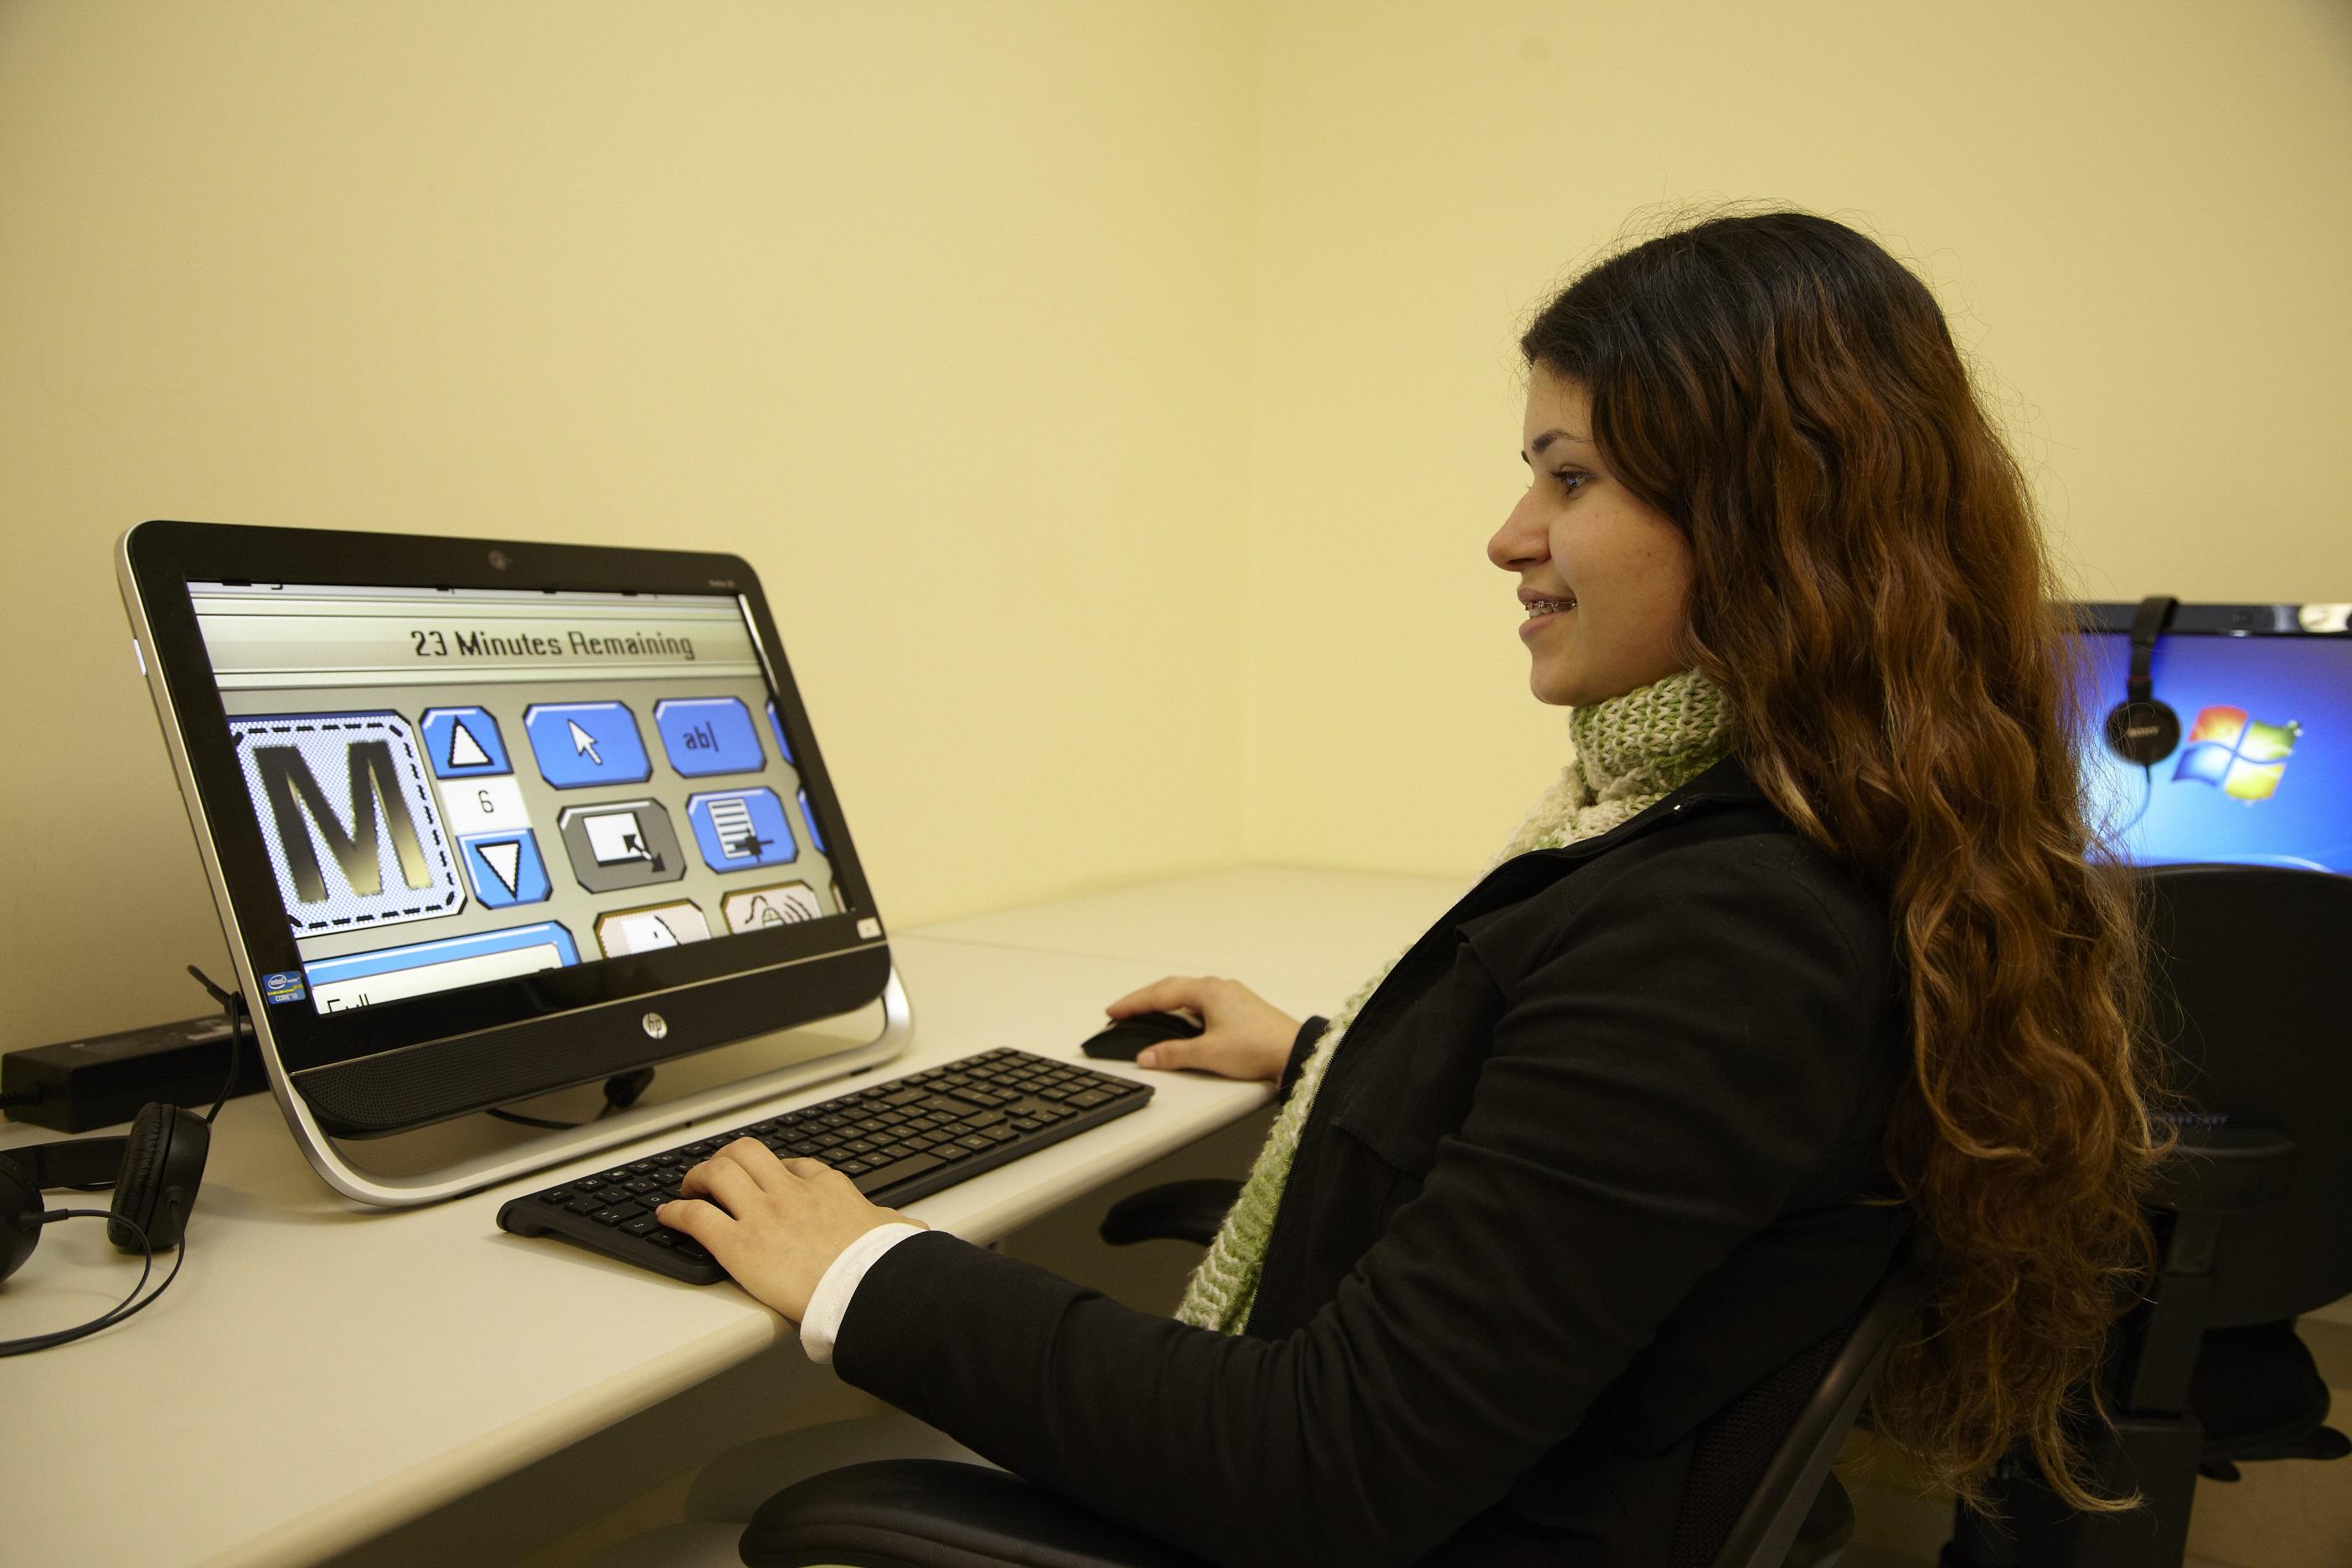 Descrição da imagem: foto de mulher sorridente de perfil usando computador.